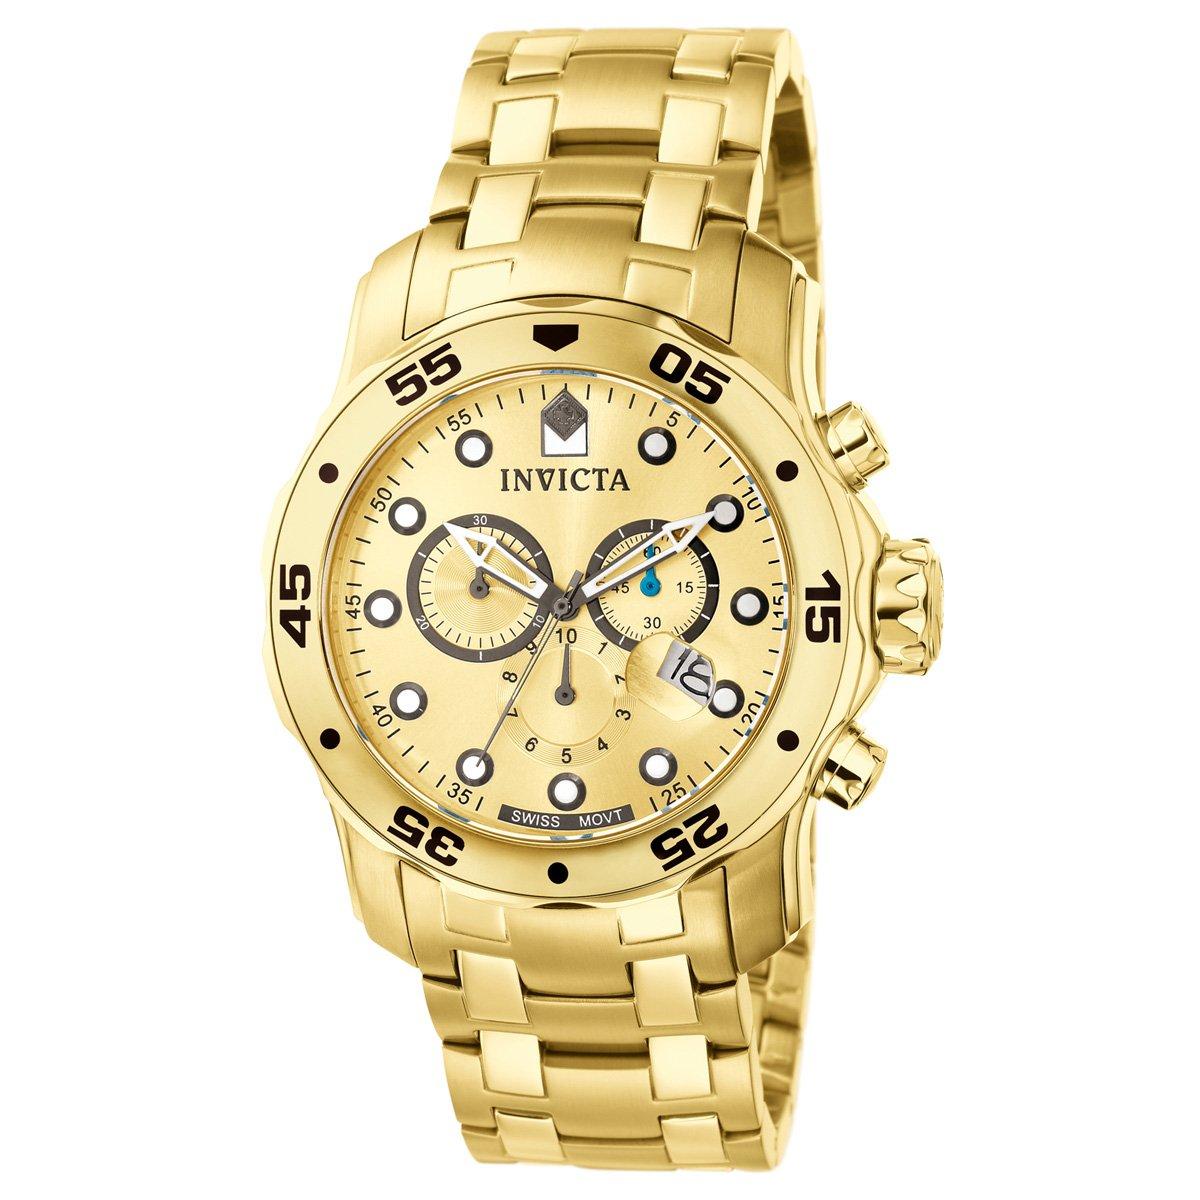 8ec595c7c13 Relógio Invicta Pro Diver-0074 - Dourado - Compre Agora